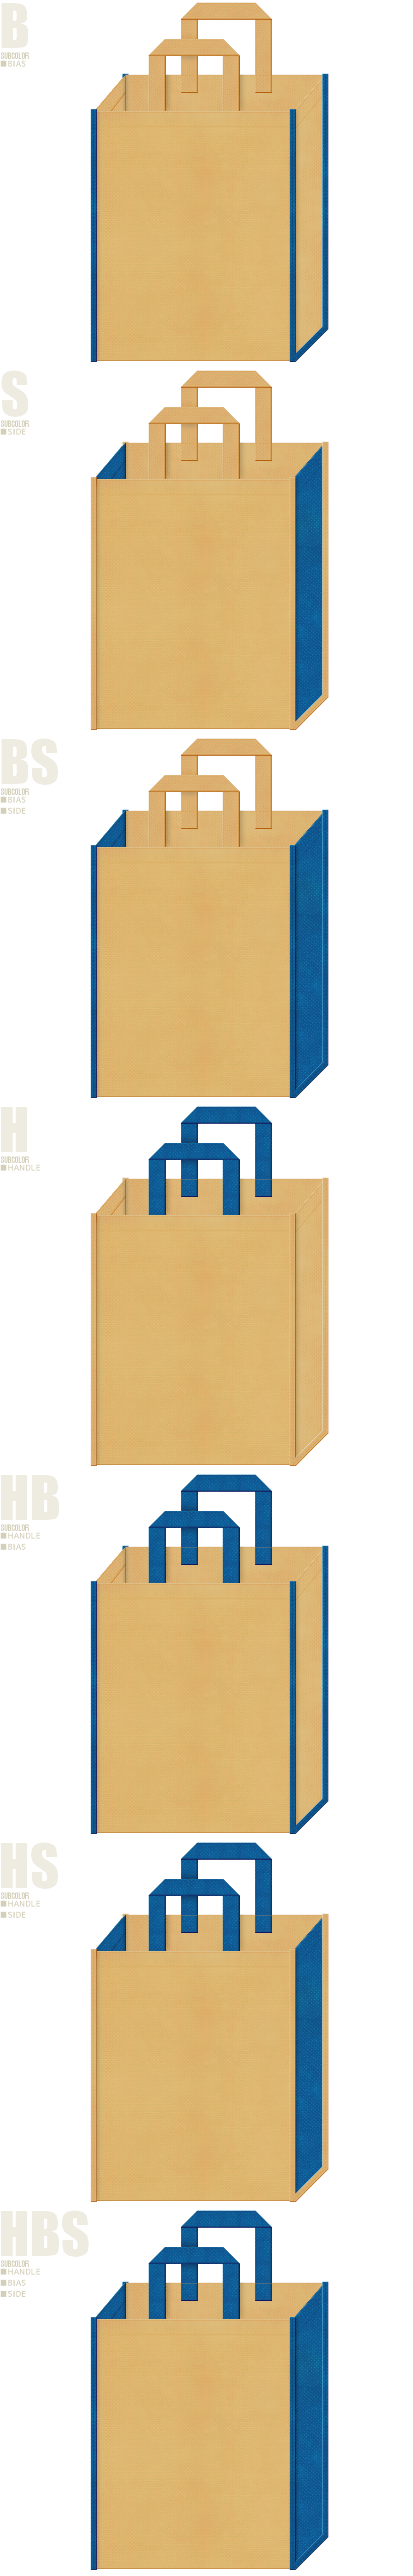 薄黄土色と青色、7パターンの不織布トートバッグ配色デザイン例。